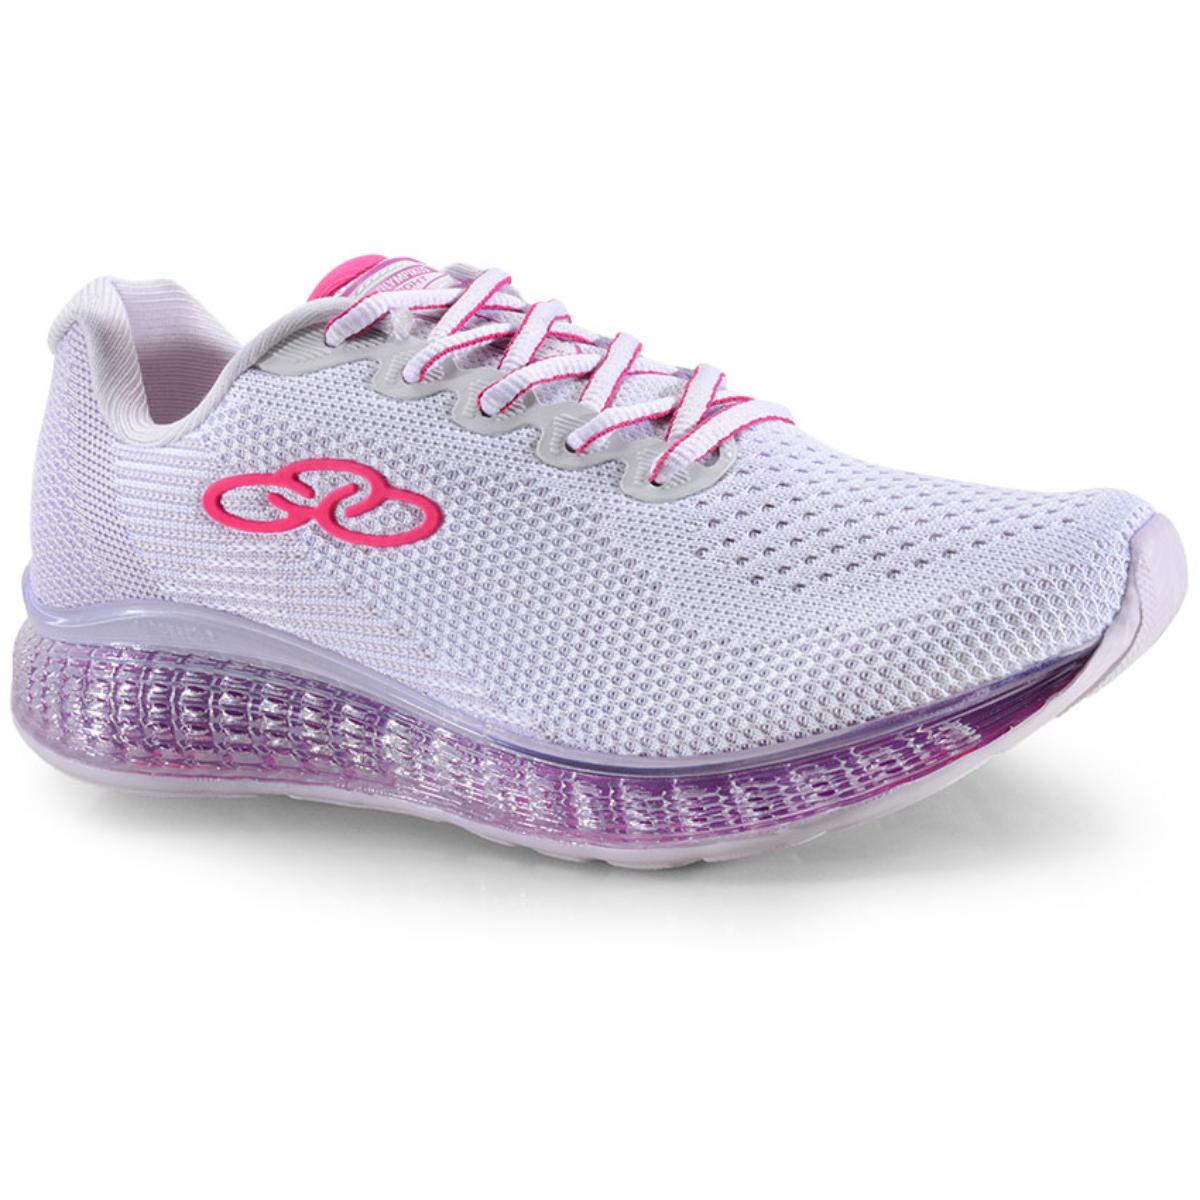 Tênis Feminino Olympikus Insight 719 Alfazema/pink